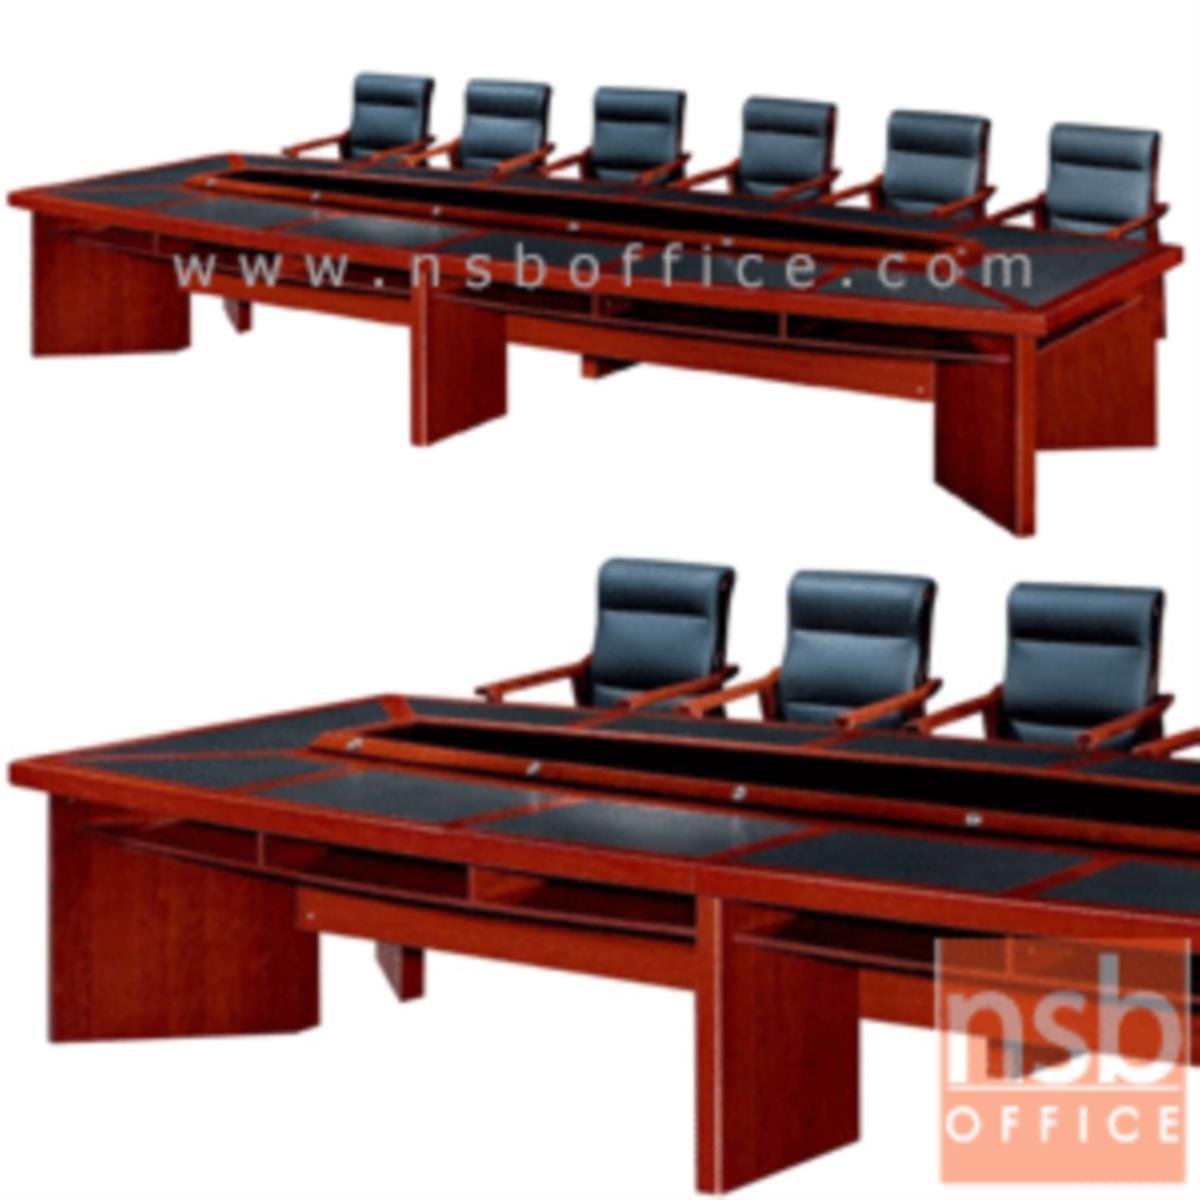 A05A101:โต๊ะประชุมนำเข้า รุ่น Withers (วิเทอส์)  ขนาด 380W ,480W cm.  สีมะฮอกกานี